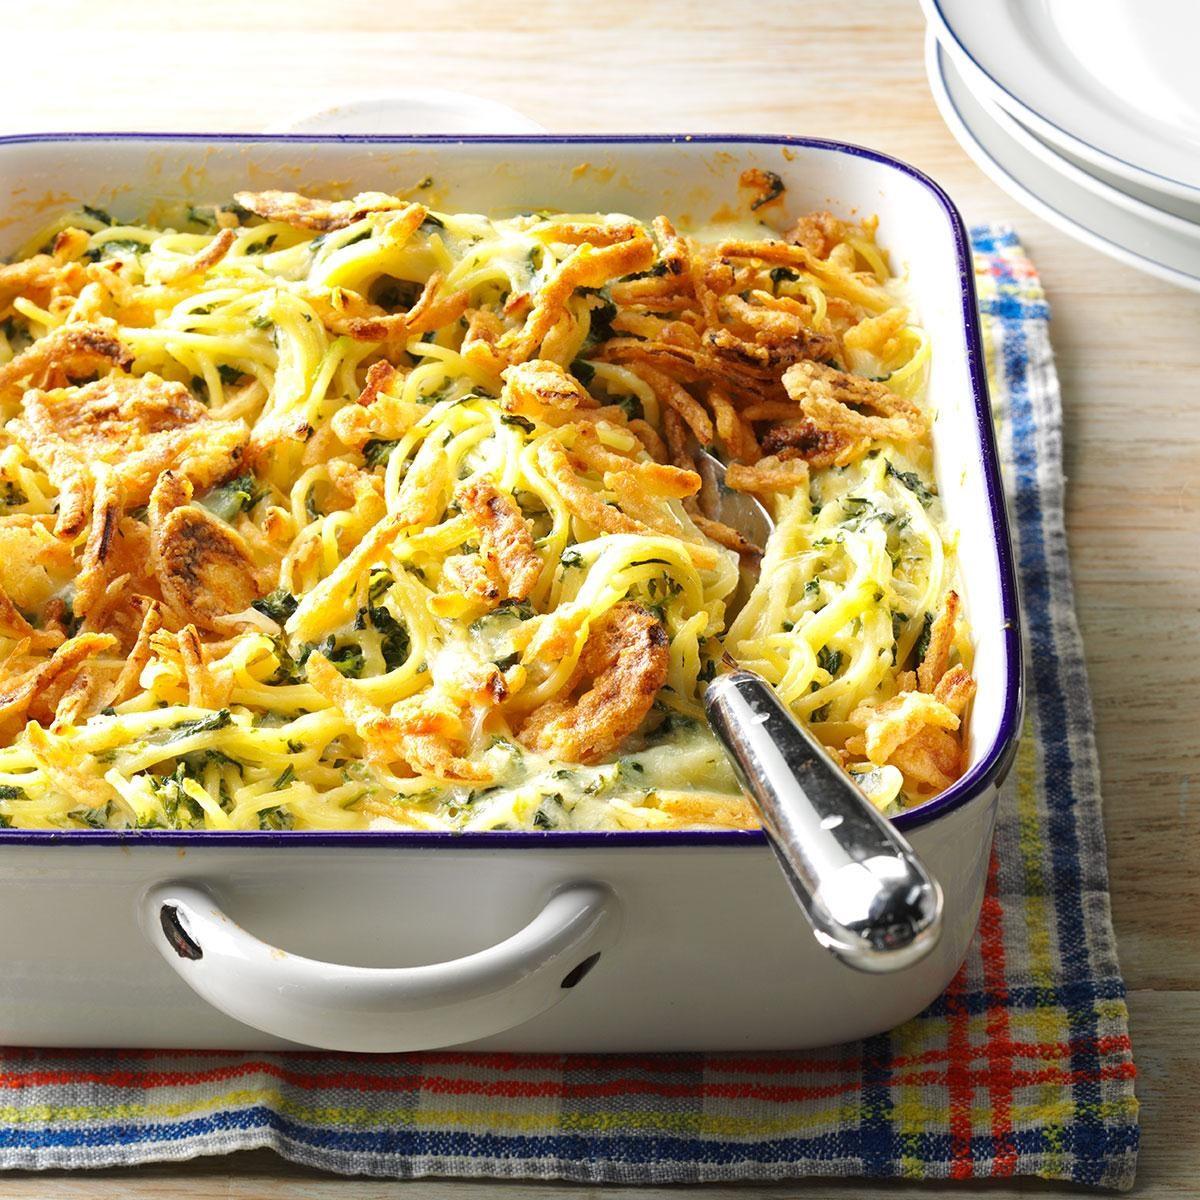 26 Family-Friendly Vegetarian Dinner Recipes